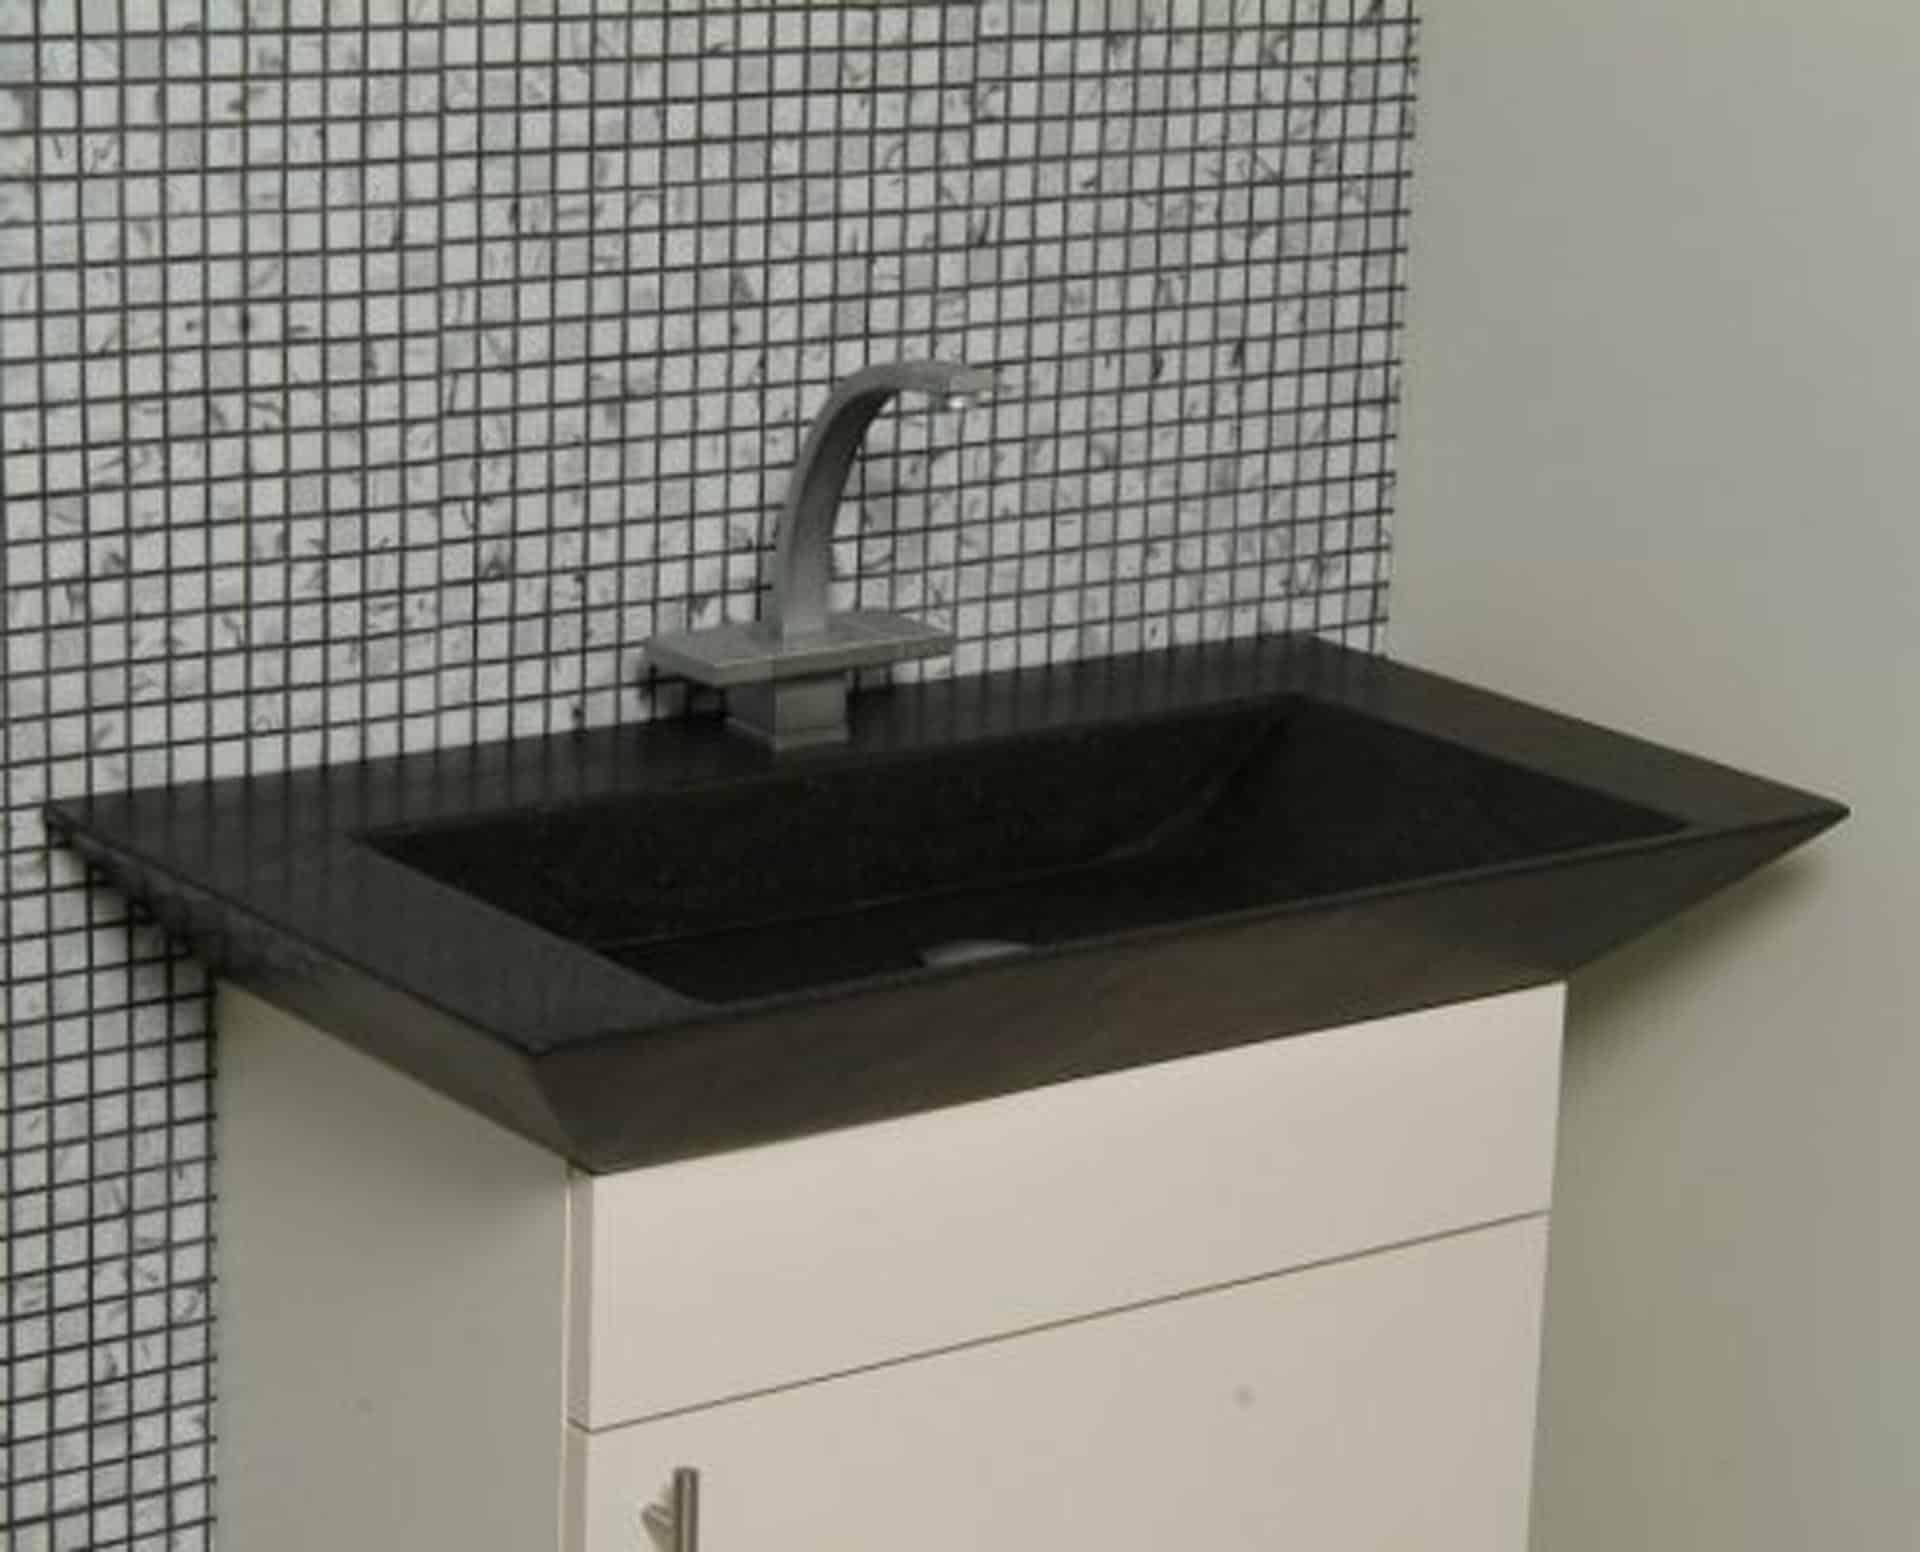 Eksklusiv designhåndvask fremstillet i massiv granit. Den sorte granit har en mat finish. En ægte stenvask i målene: 60/80 x 35,5 x 10 cm. Vasken er bearbejdet ud af et helt stykke granit - vi fræser ganske enkelt en håndvask ud af sten. Alle de afsluttende små detaljer er håndlavet. Med denne vask vil man få et stykke natur hjem i badeværelset. Det er kvalitet, som holder mange år ud i tiden. Vasken kan bruges som fritstående vask - da vasken er flad i bunden er den velegnet til at placere direkte på en bordplade. Vasken er hensynsmæssigt designet med fine rundinger, som både giver vasken et eksklusivt udtryk og gør den rengøringsvenlig. Vasken vedligeholdes med voks - vi anbefaler en behandling med vores egen naturvoks ID12002 et par gange om året for at opnå optimalt look.